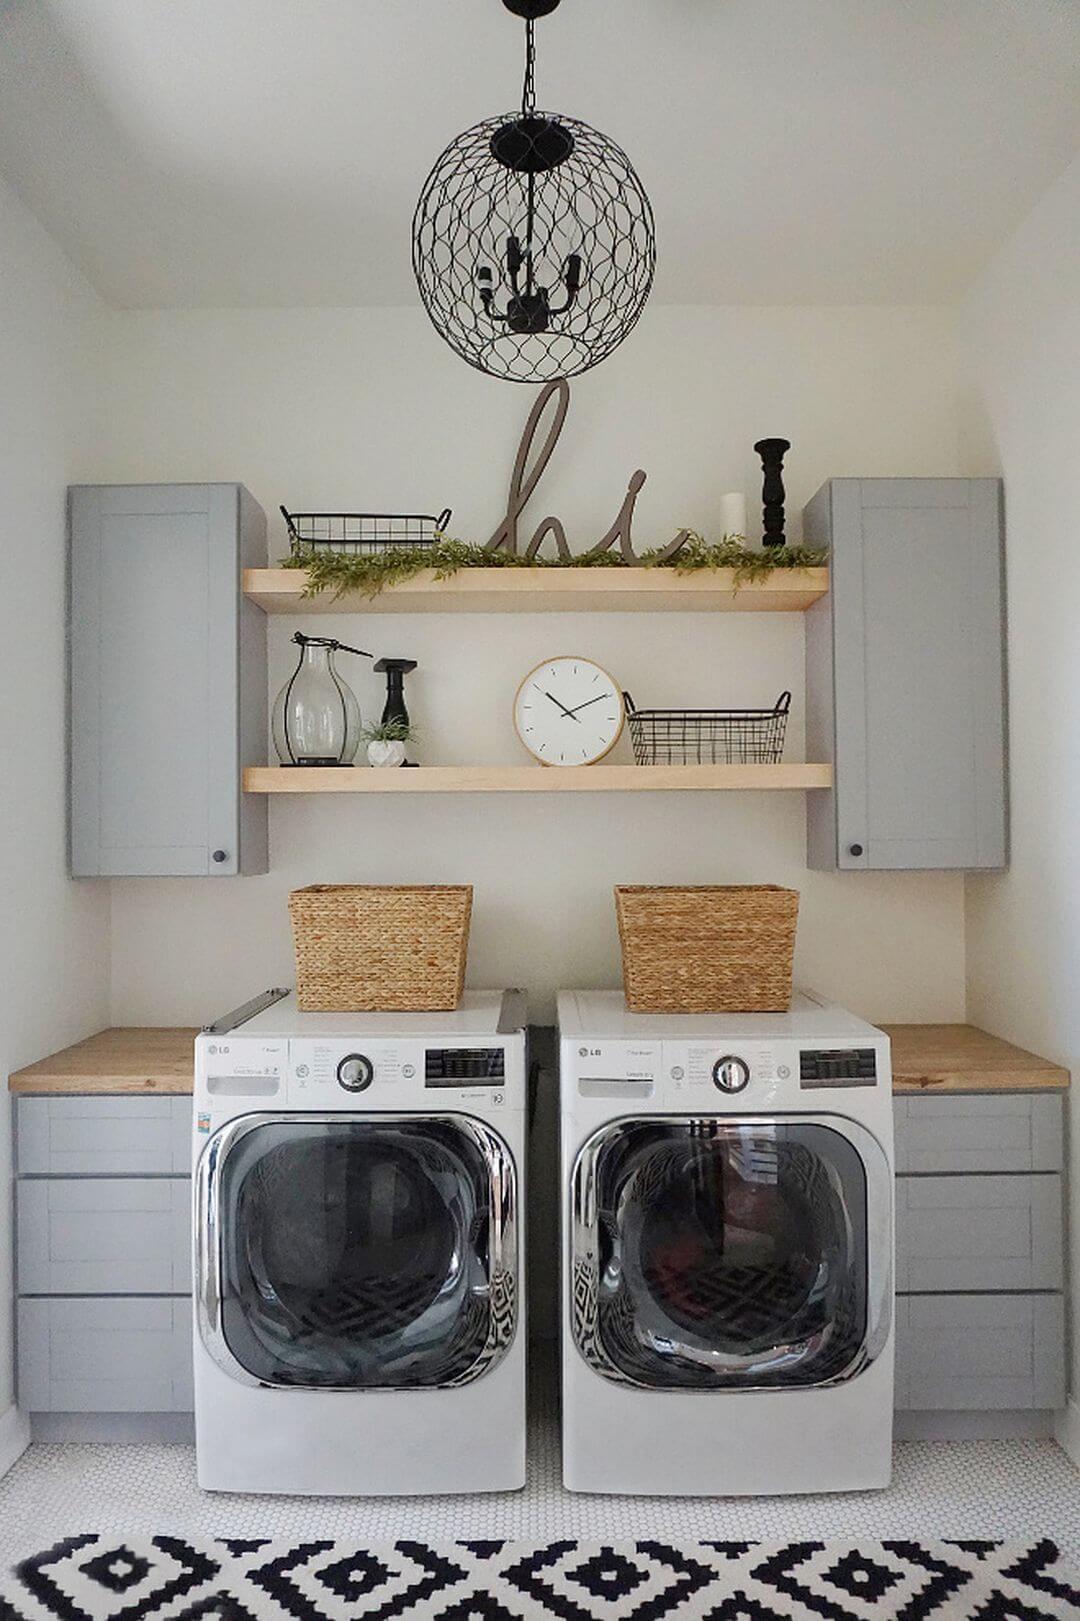 Fullsize Of Laundry Room Decor